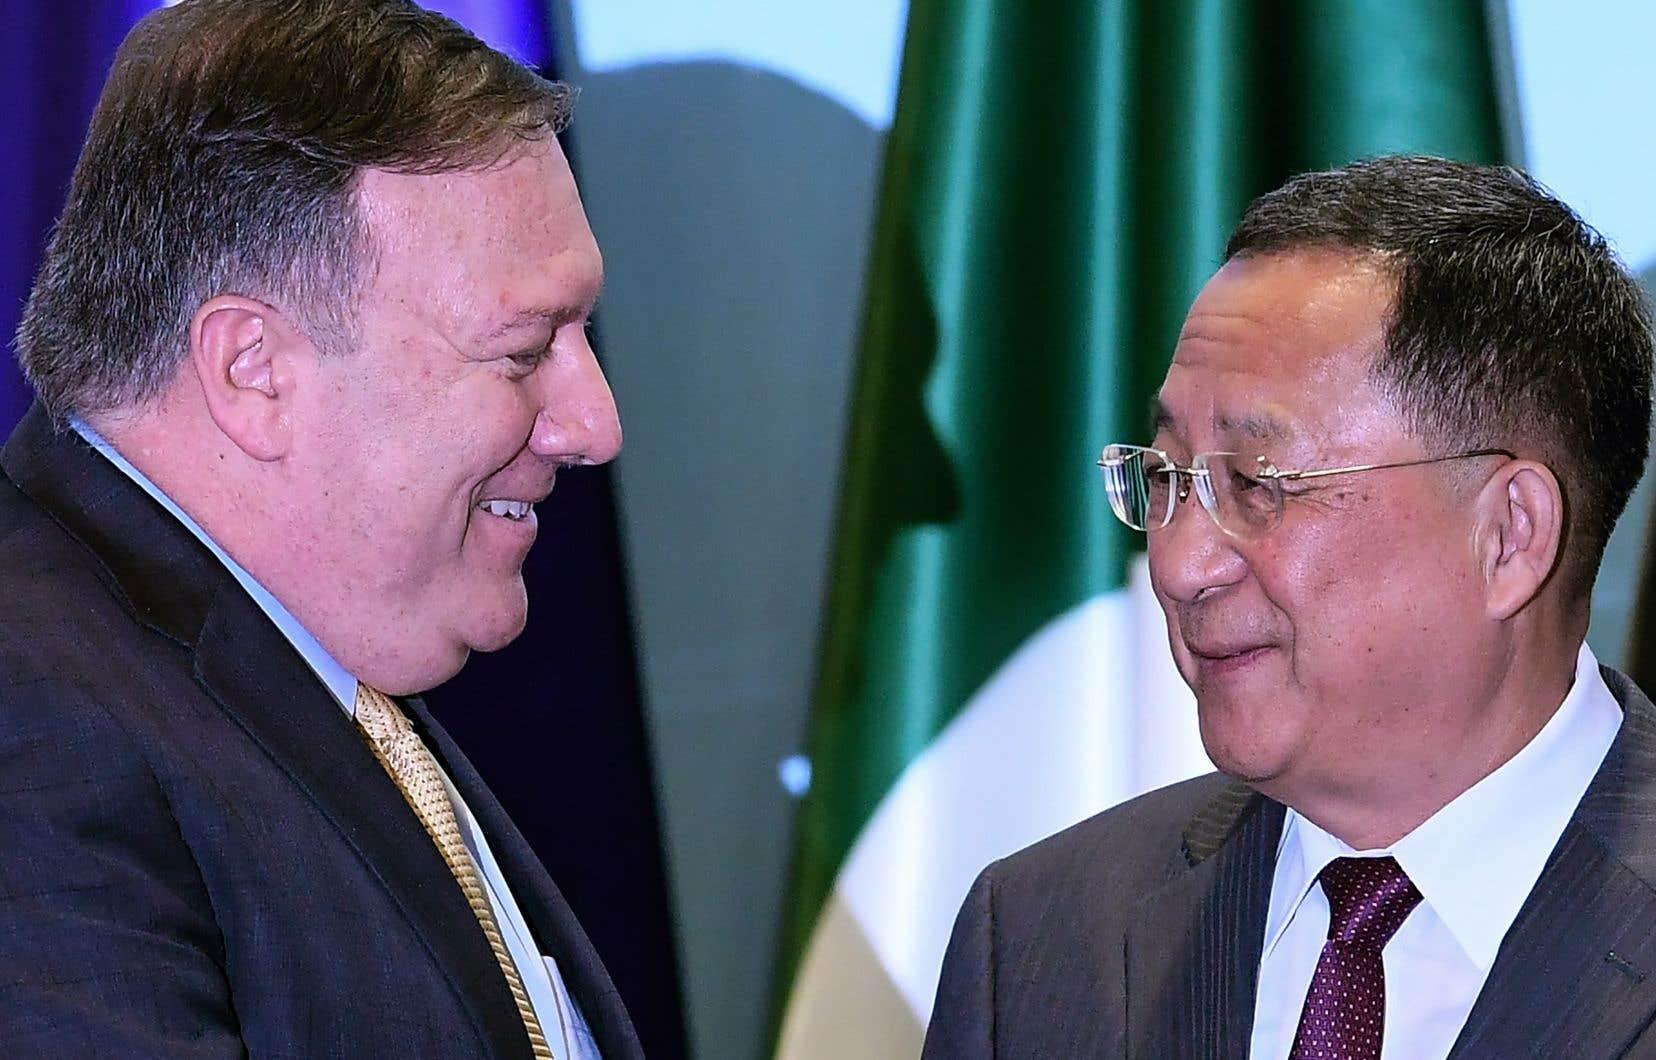 Le secrétaire d'État américain, Mike Pompeo, s'entretient avec le ministre des Affaires étrangères nord-coréen, Ri Yong Ho, à l'occasion de la retraite du Forum régional de l'ASEAN à Singapour le 4 août 2018.